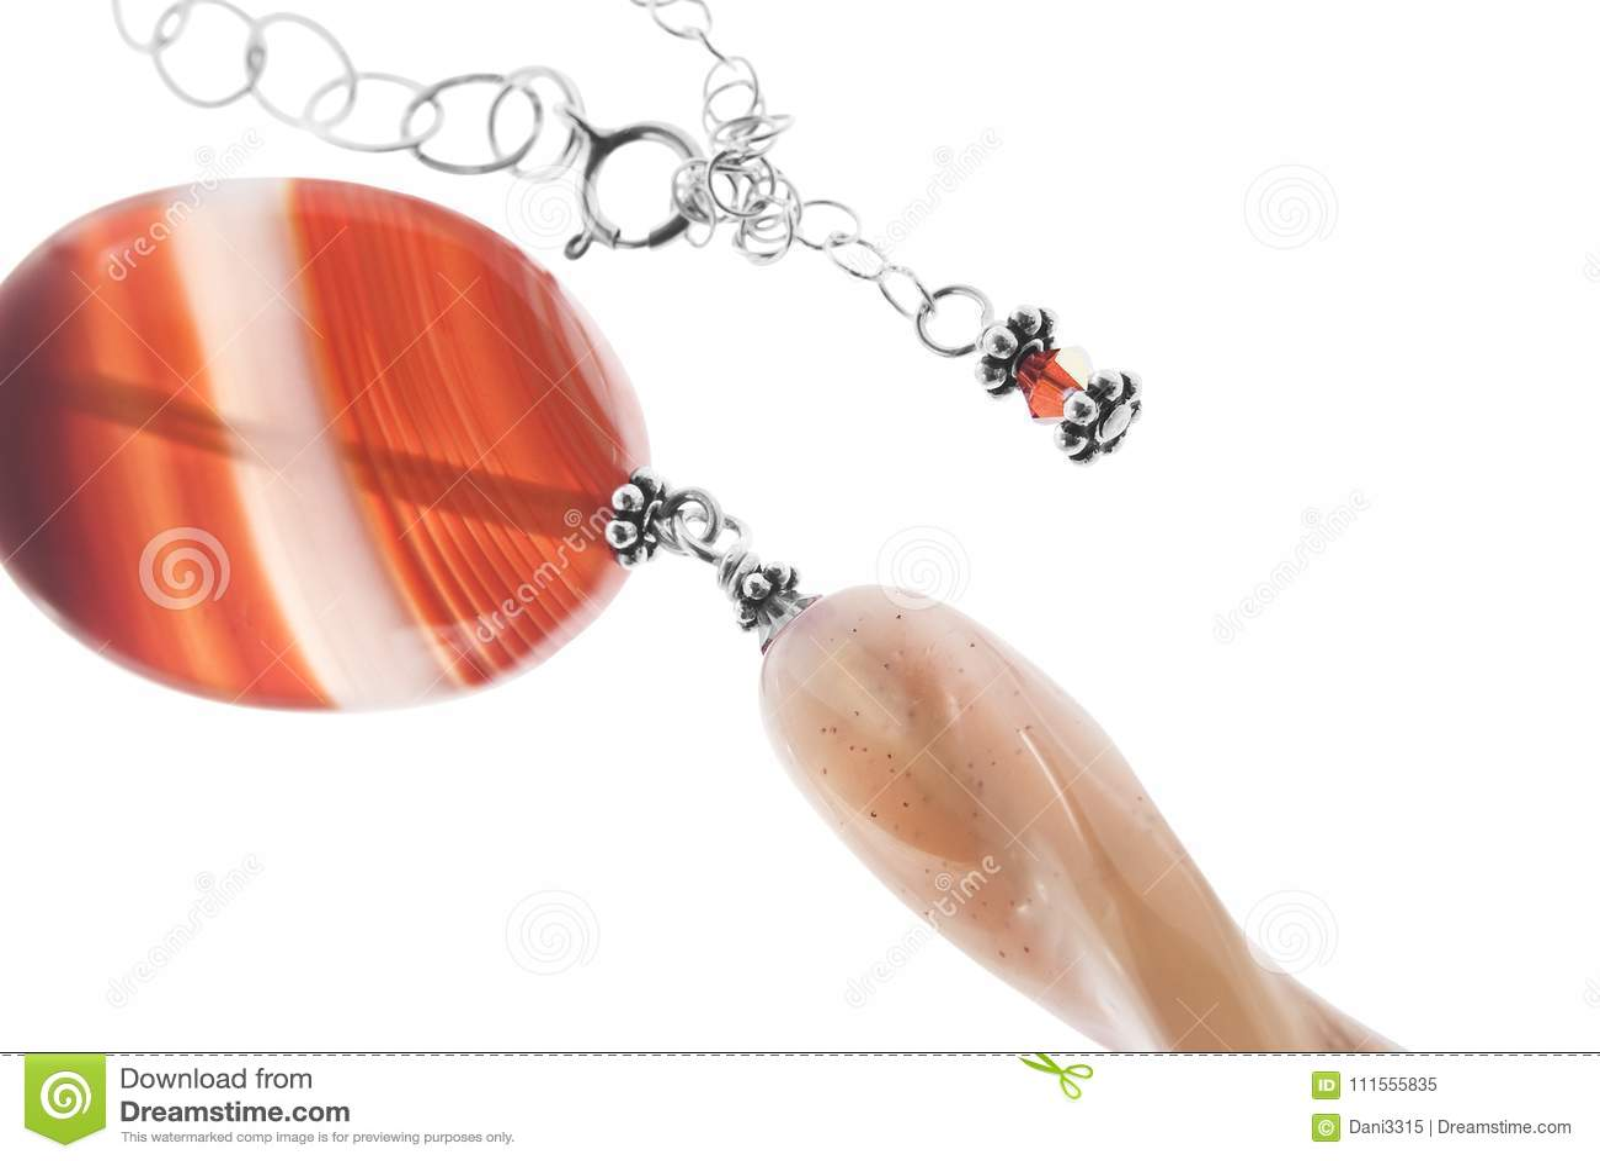 Aprikosen Achat Stein Halskette Auf Weissem Hintergrund Stockbild